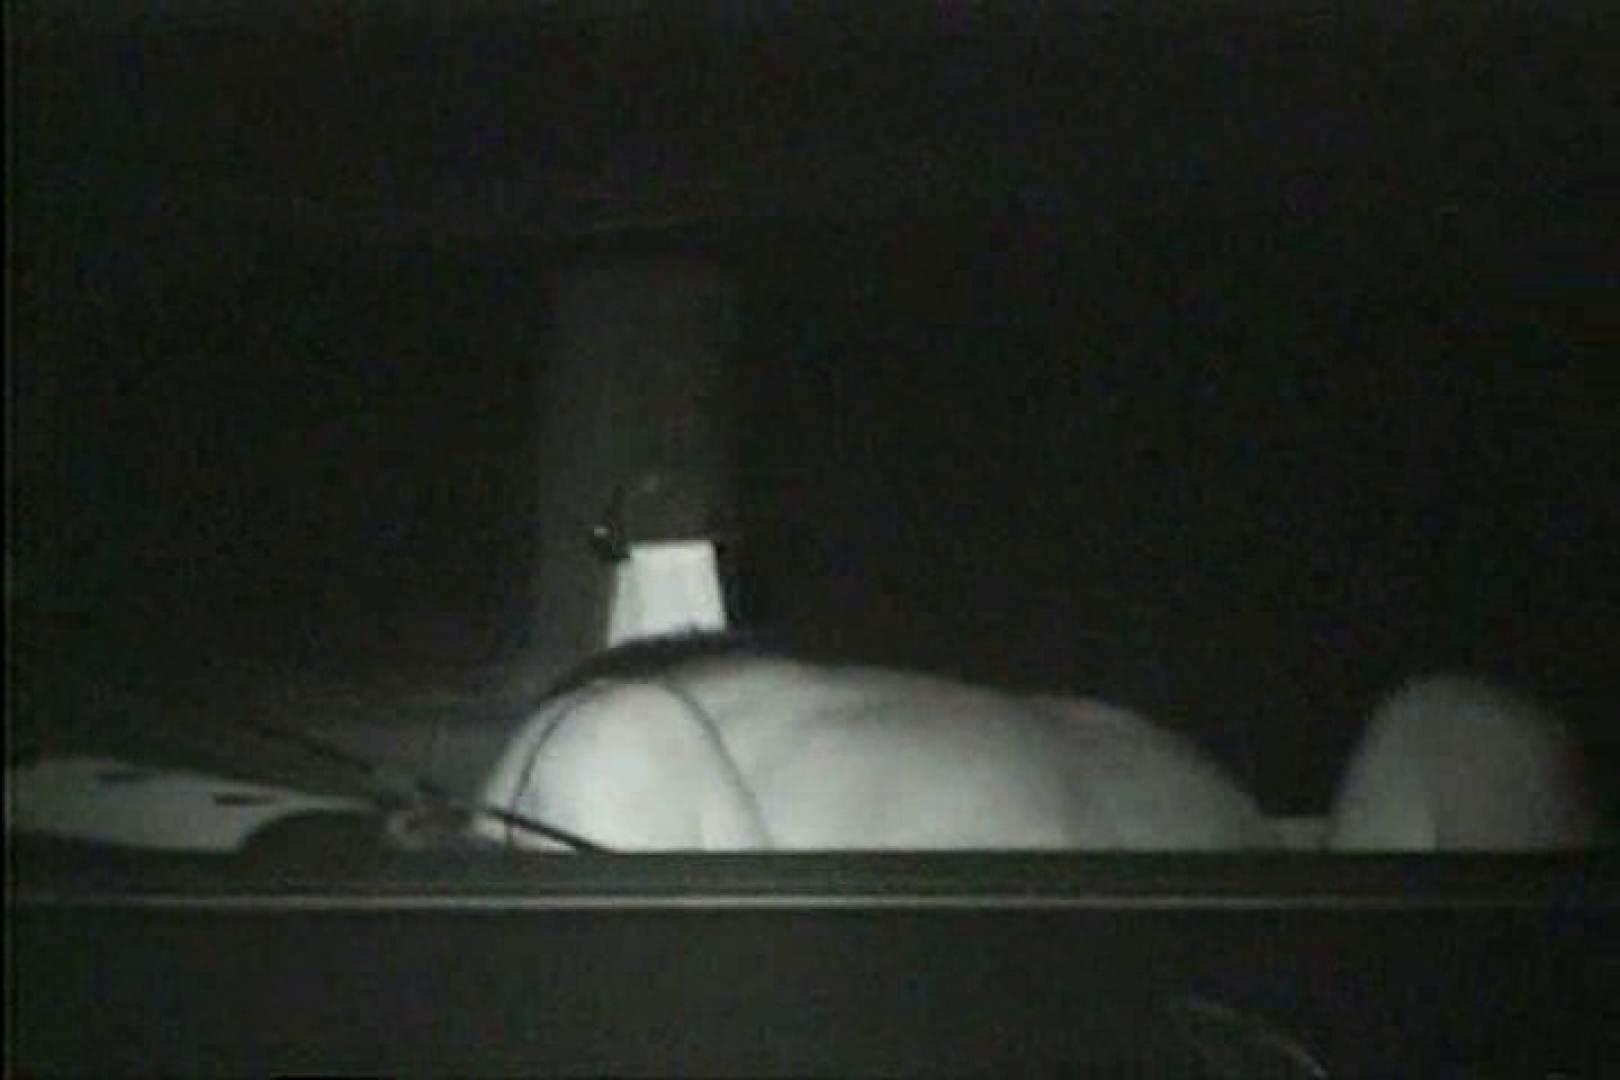 車の中はラブホテル 無修正版  Vol.10 美しいOLの裸体 ワレメ無修正動画無料 87pic 82